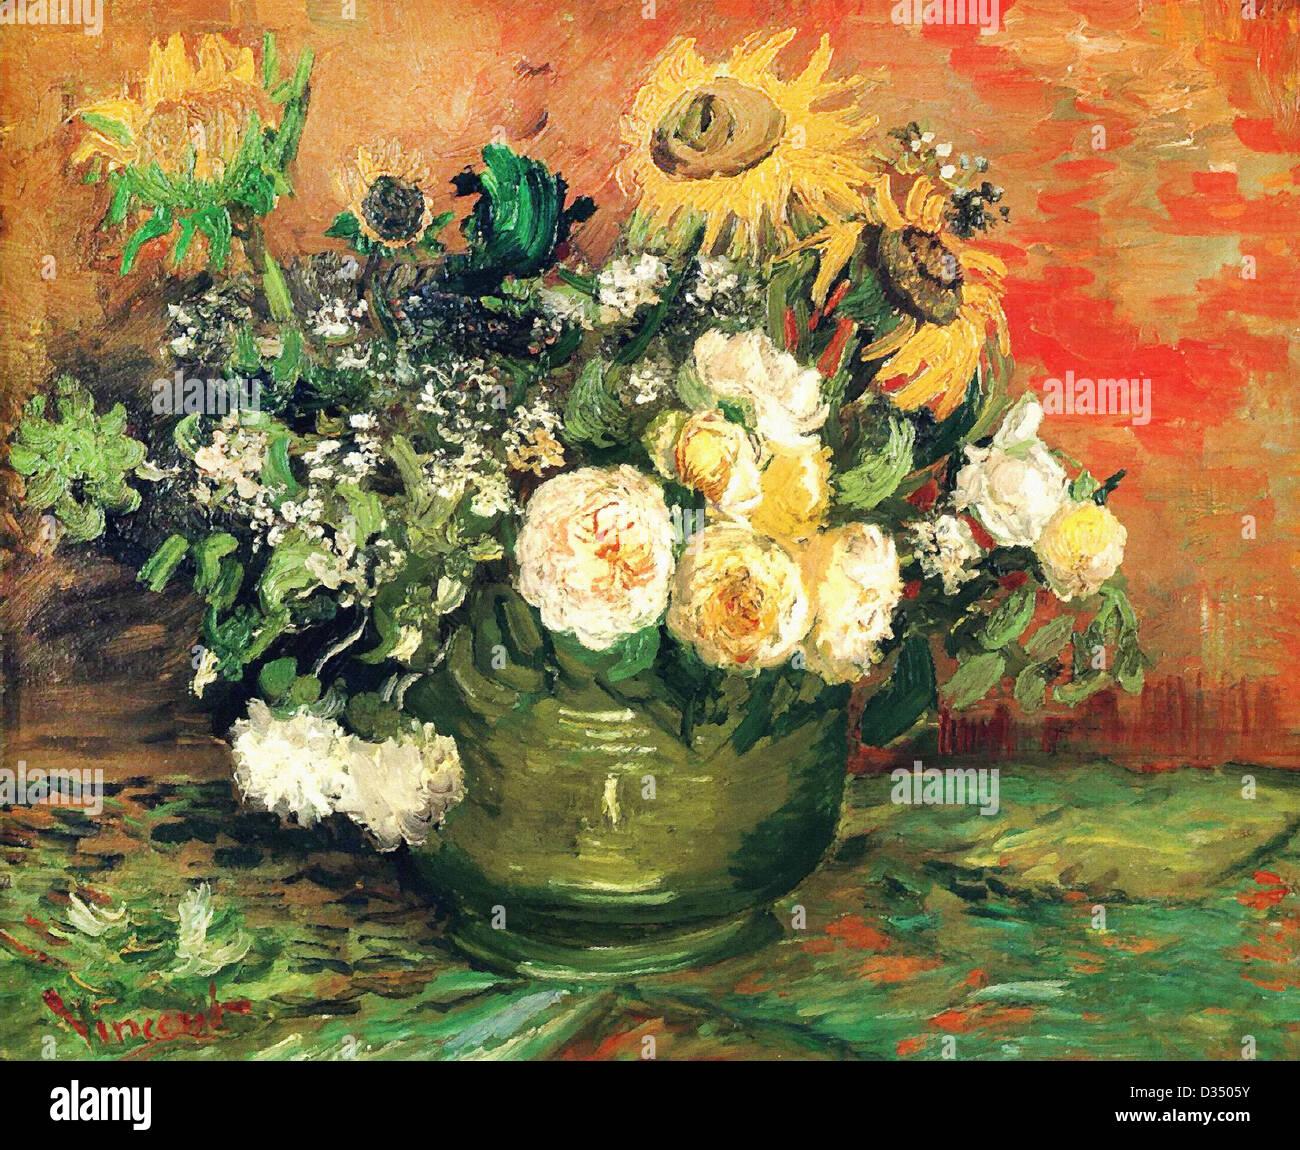 Vincent van Gogh, Nature morte avec Roses et tournesols. 1886. Le postimpressionnisme. Huile sur toile. Stadtische Photo Stock